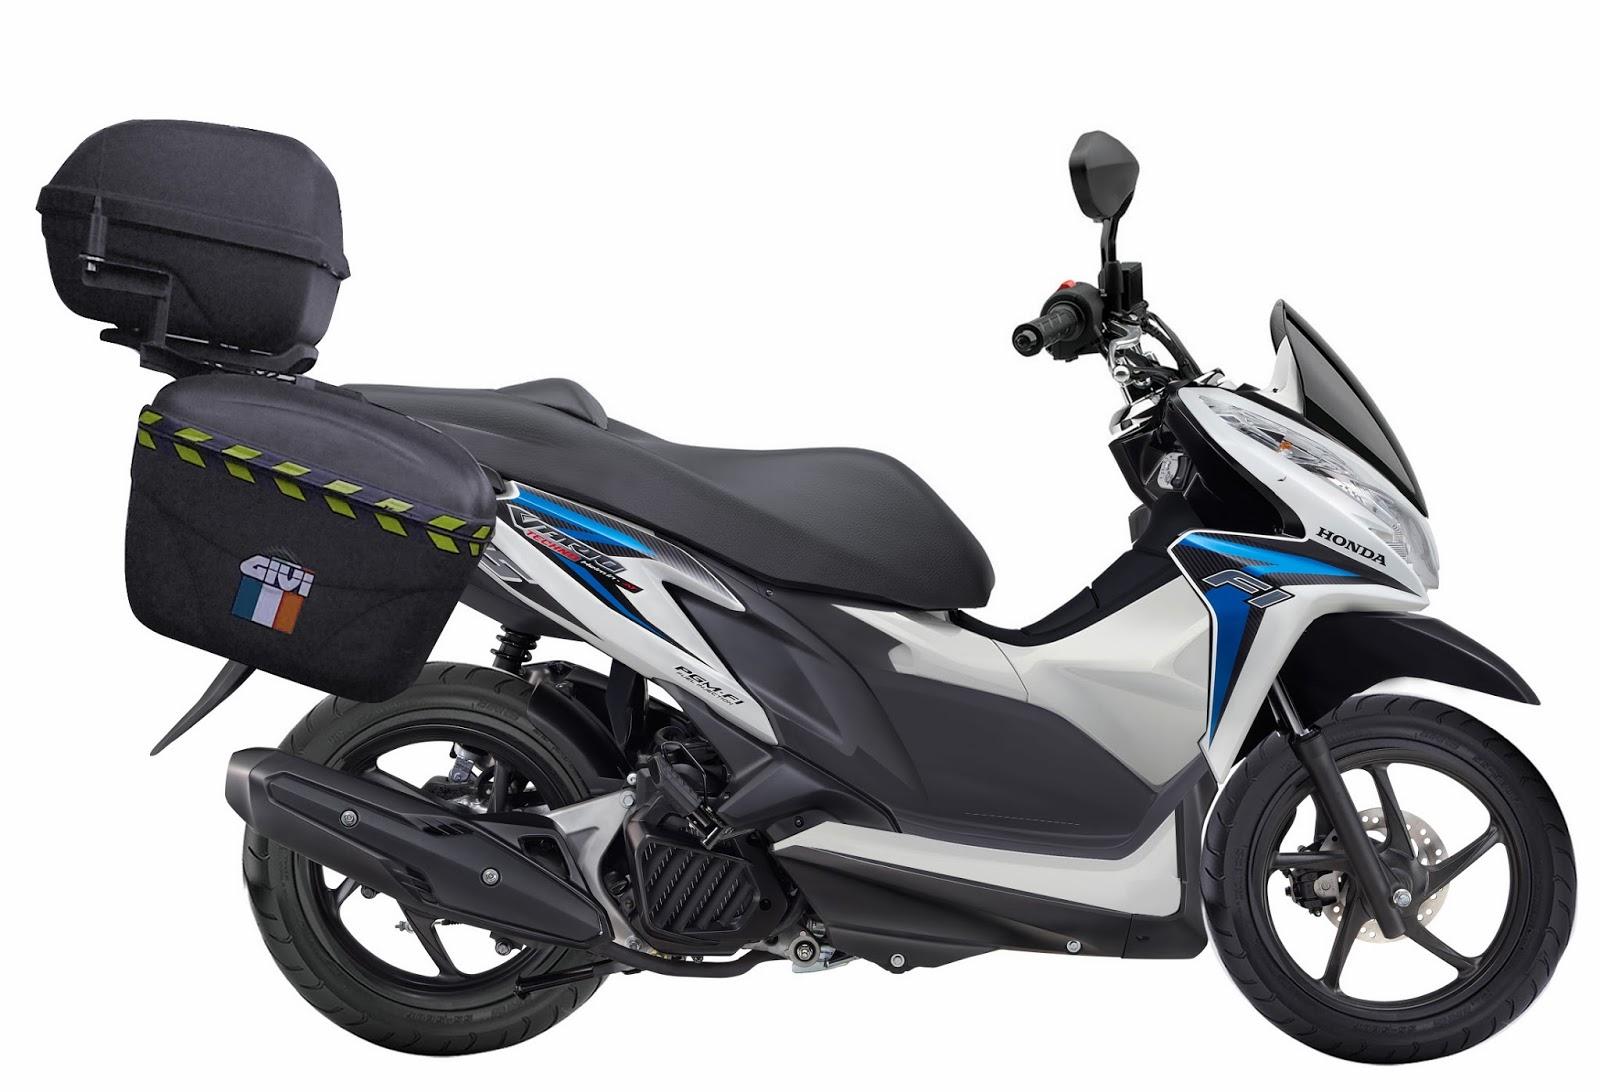 Yang Suka Modifikasi Motor Variasi Motor Honda Vario Techno